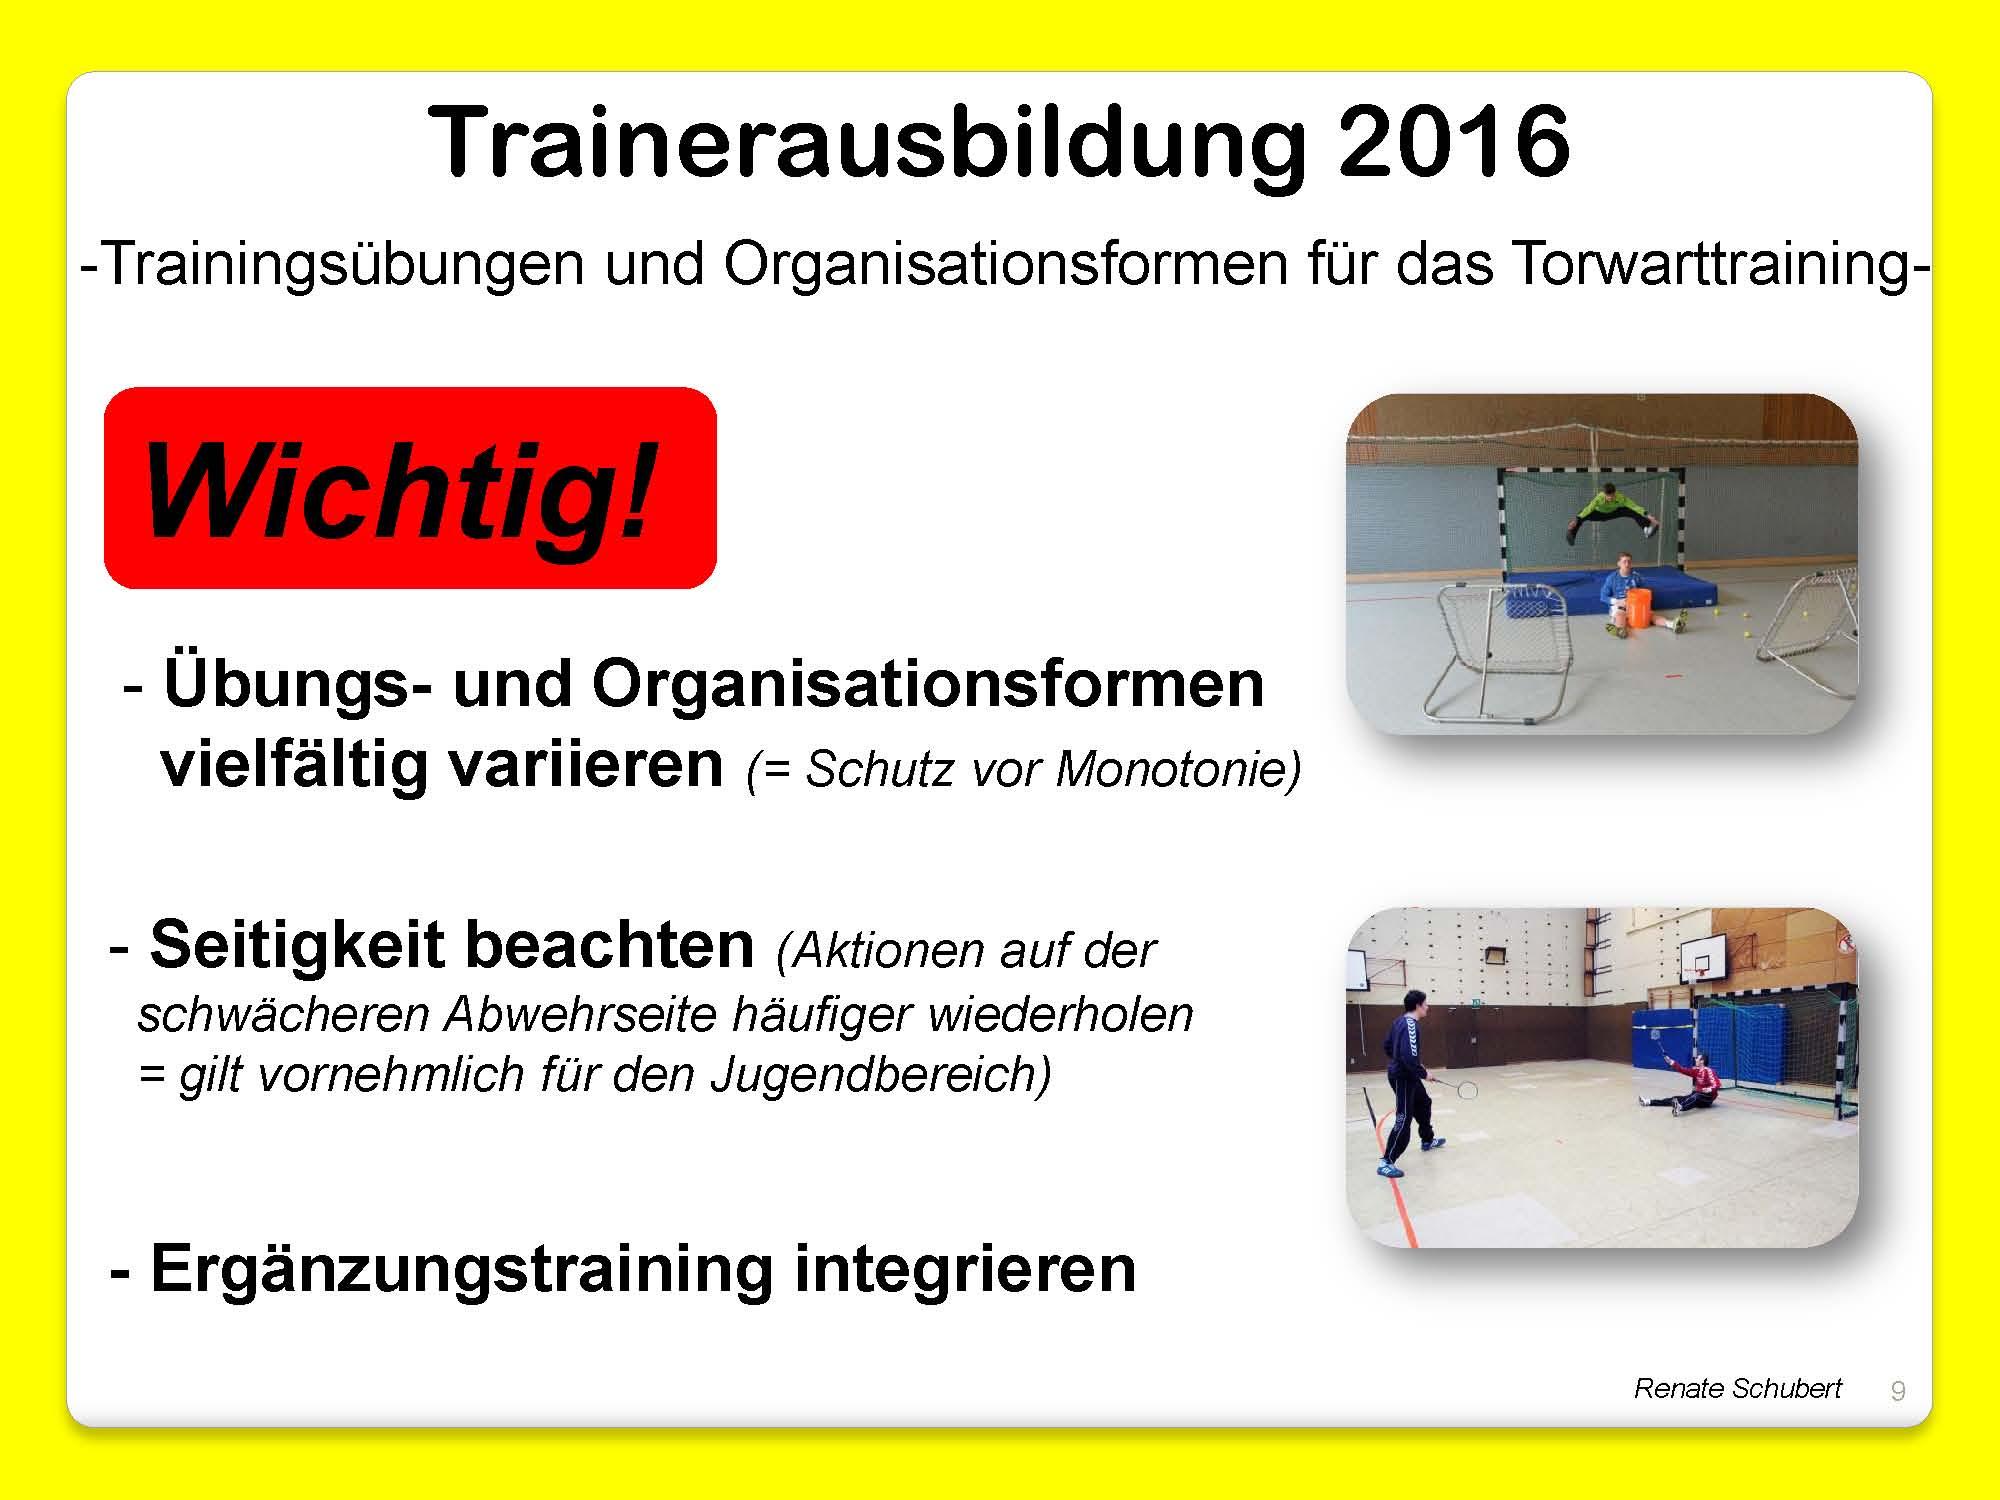 trainerausbildung_2016_Seite_09